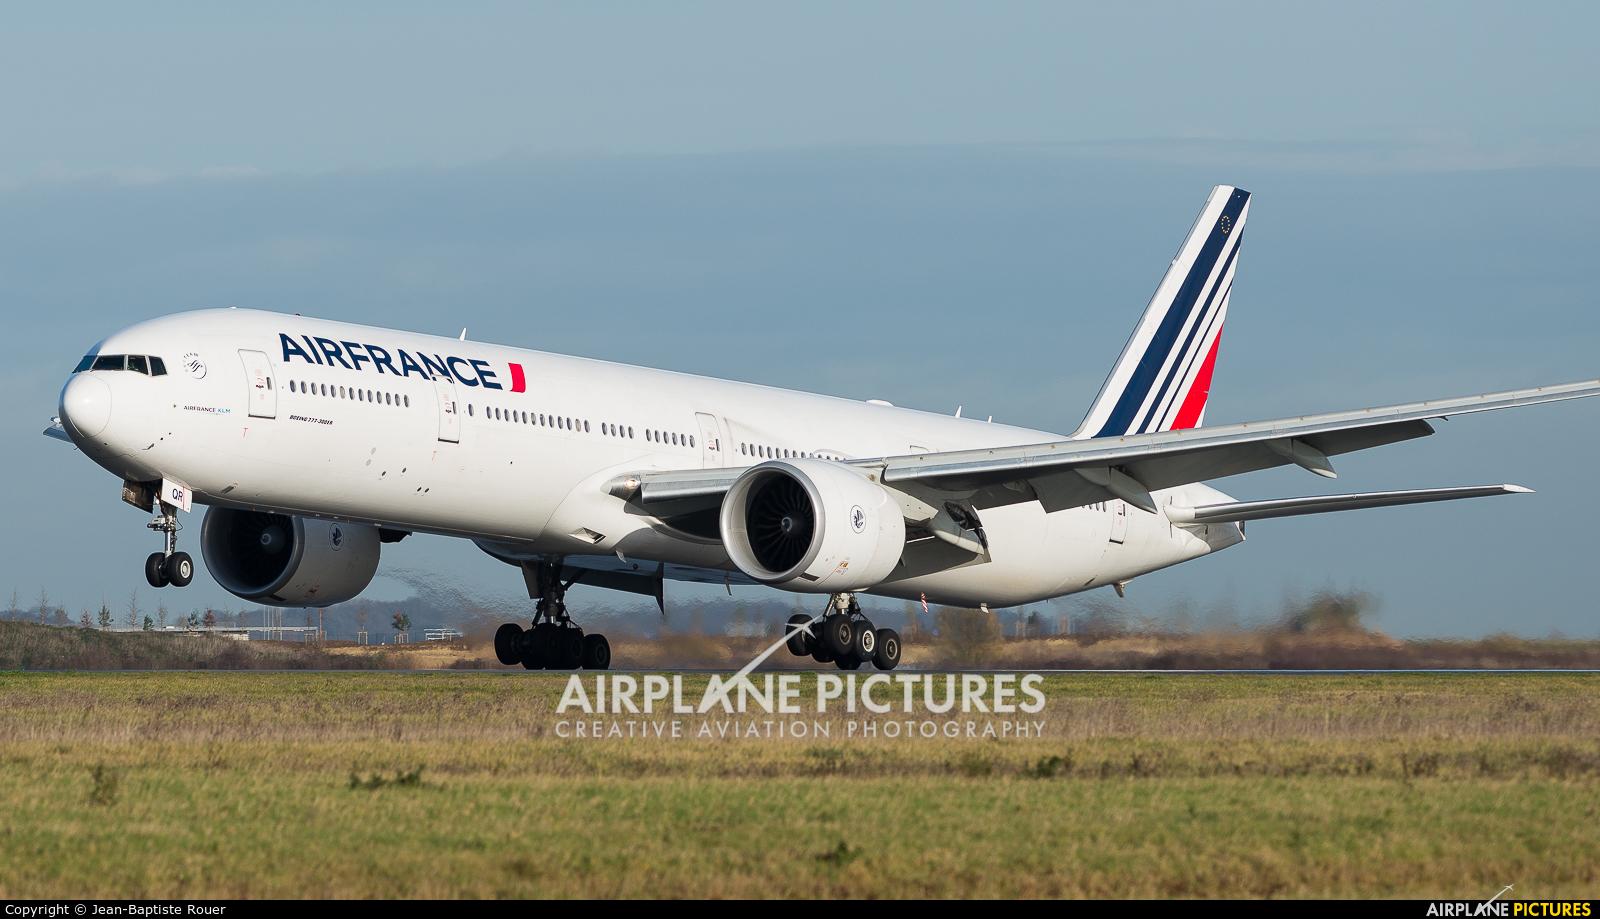 Air France F-GSQR aircraft at Paris - Charles de Gaulle